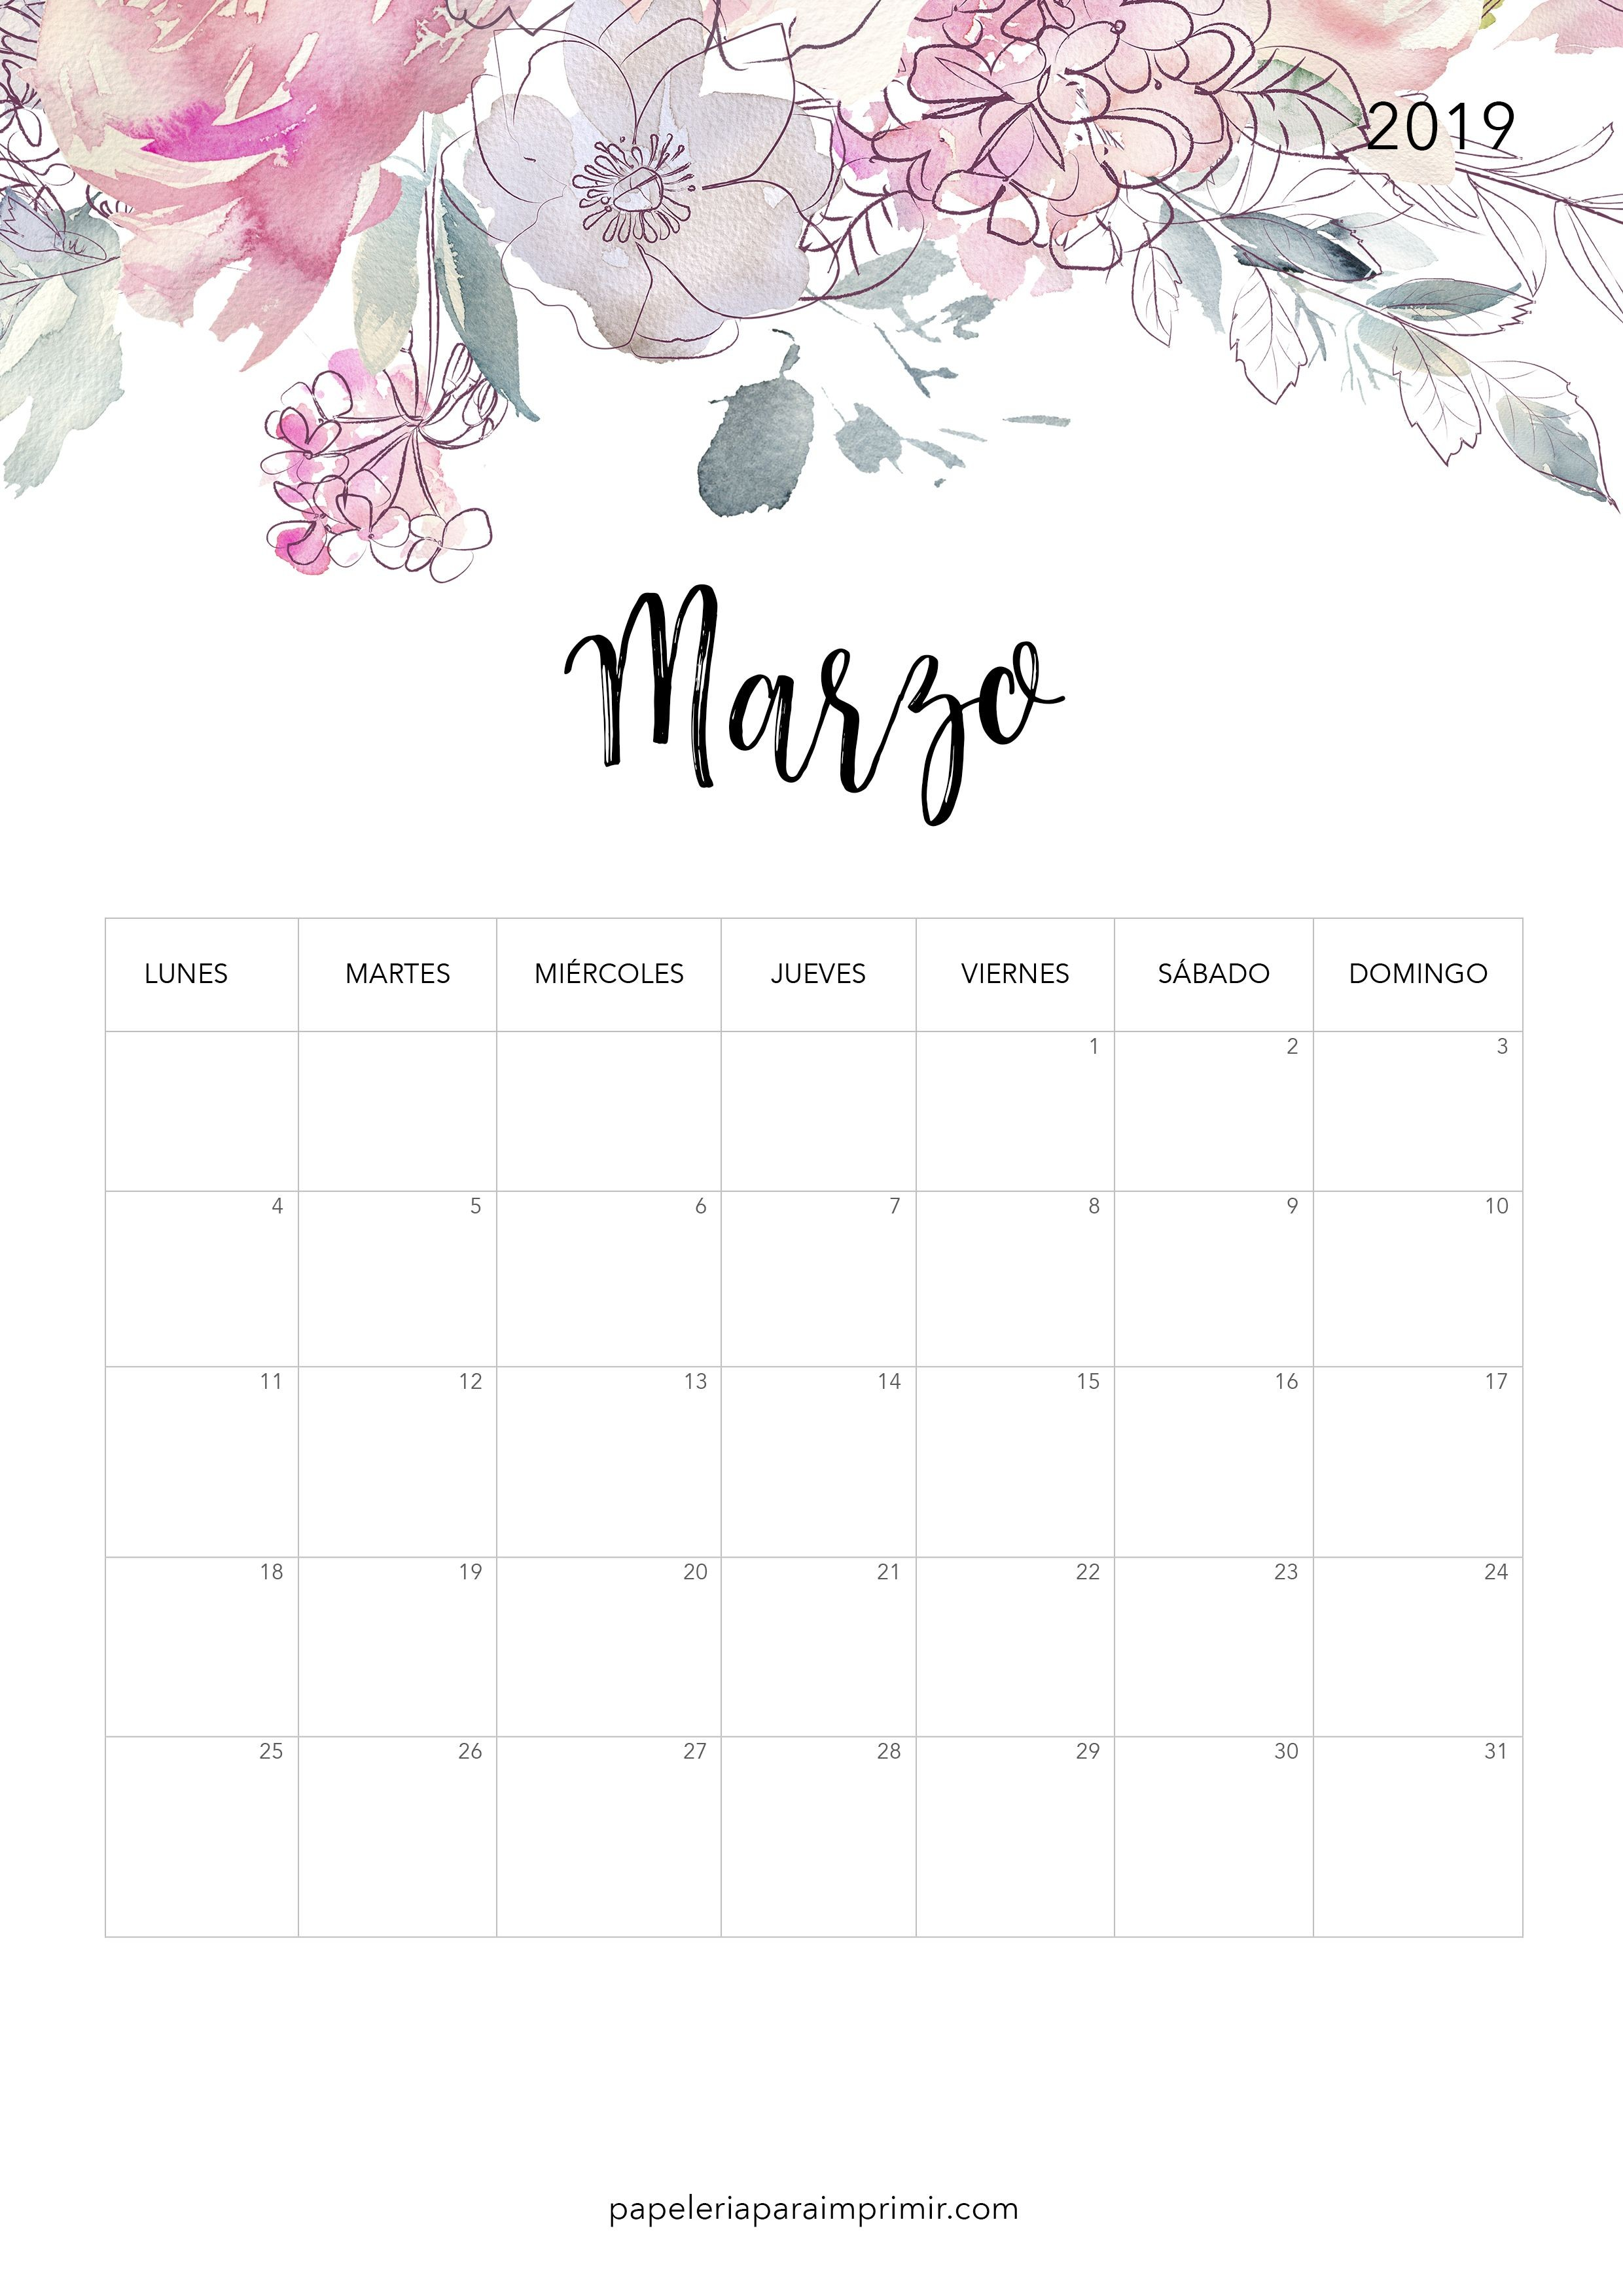 Calendario Mensual 2019 En Word Para Imprimir Mejores Y Más Novedosos Calendario Para Imprimir Marzo 2019 Calendario Imprimir Marzo Of Calendario Mensual 2019 En Word Para Imprimir Más Recientes Calendario Laboral Sevilla 2019